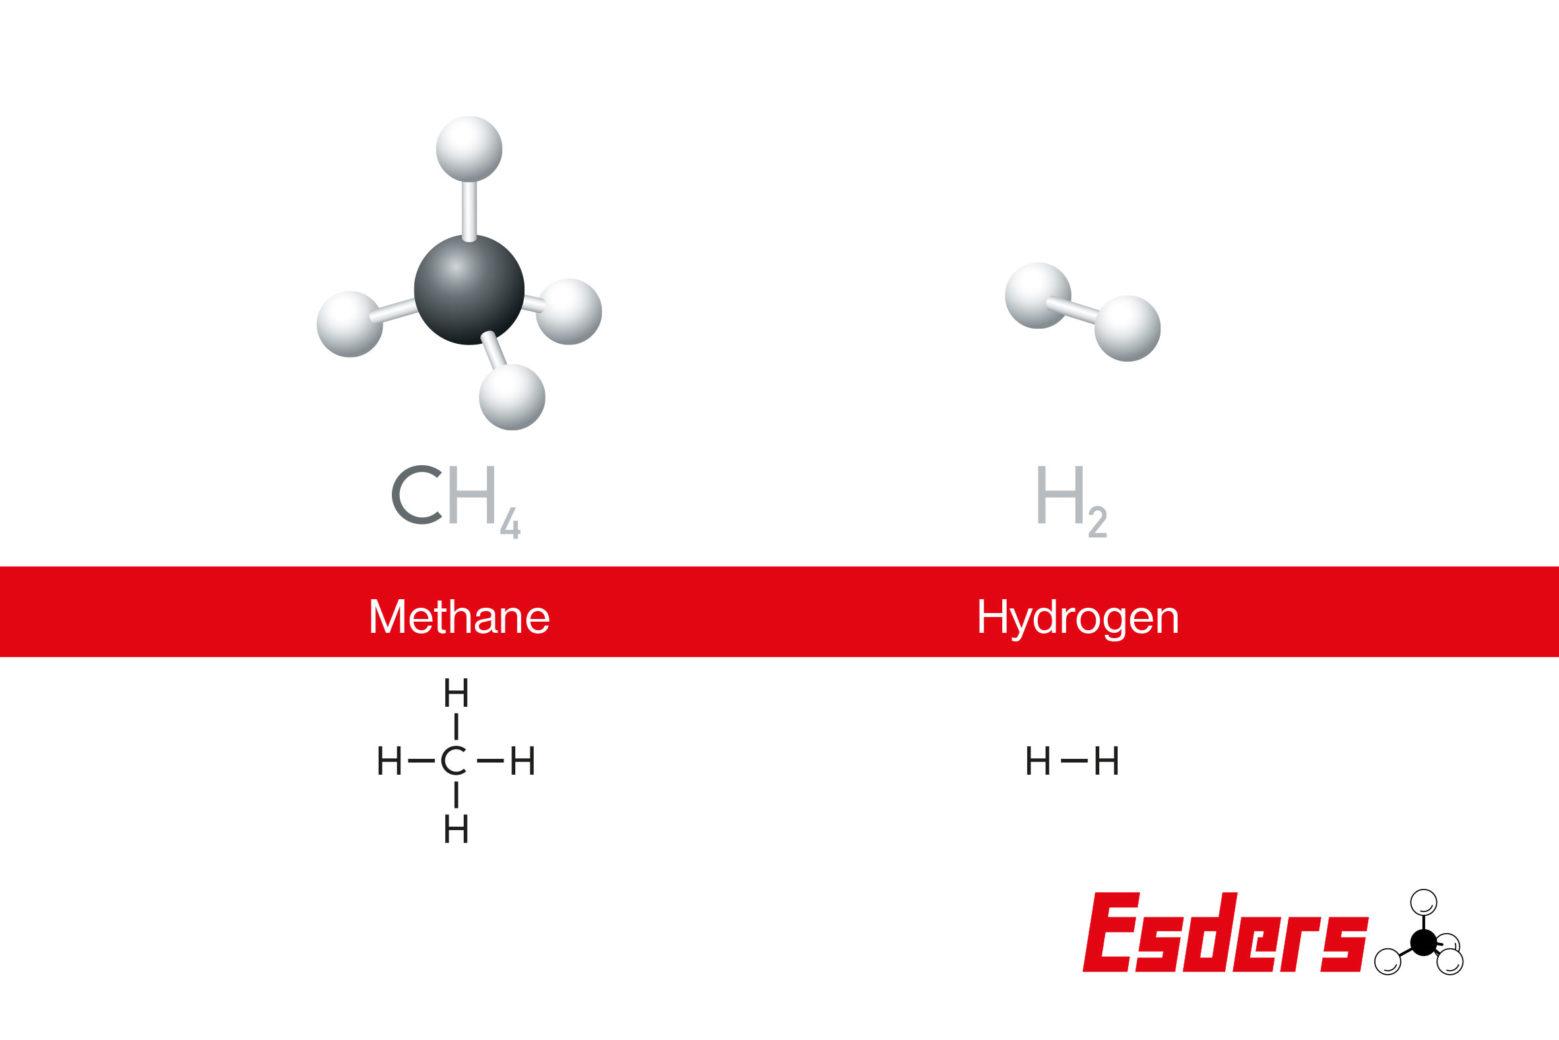 现有测量技术在含氢成分气体分布系统中的应用